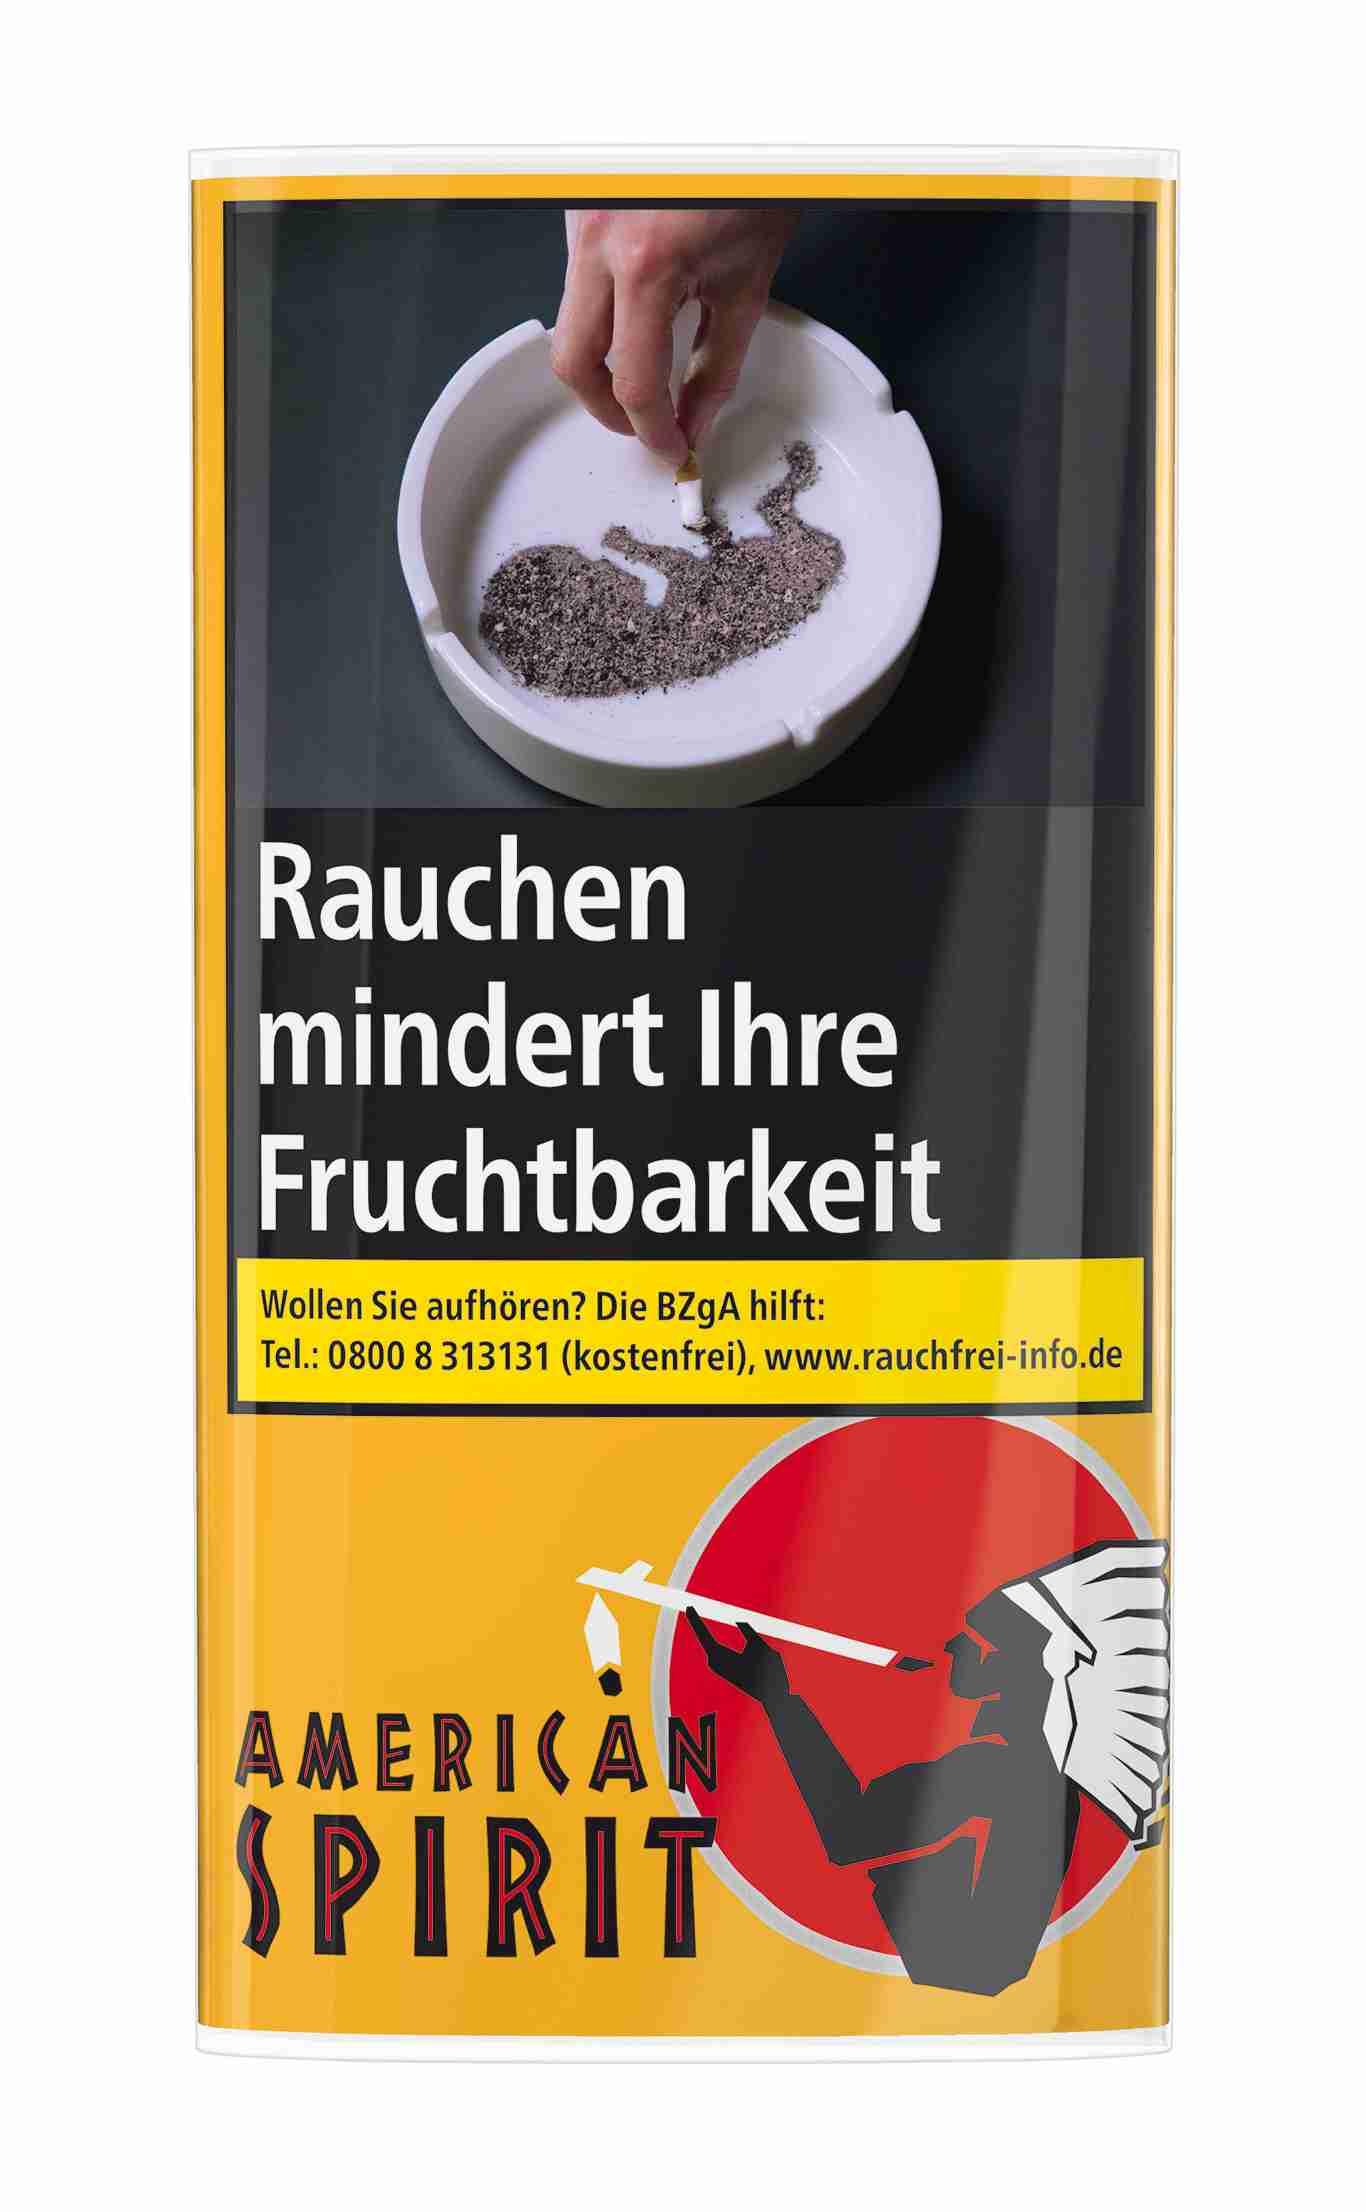 American Spirit Zigaretten